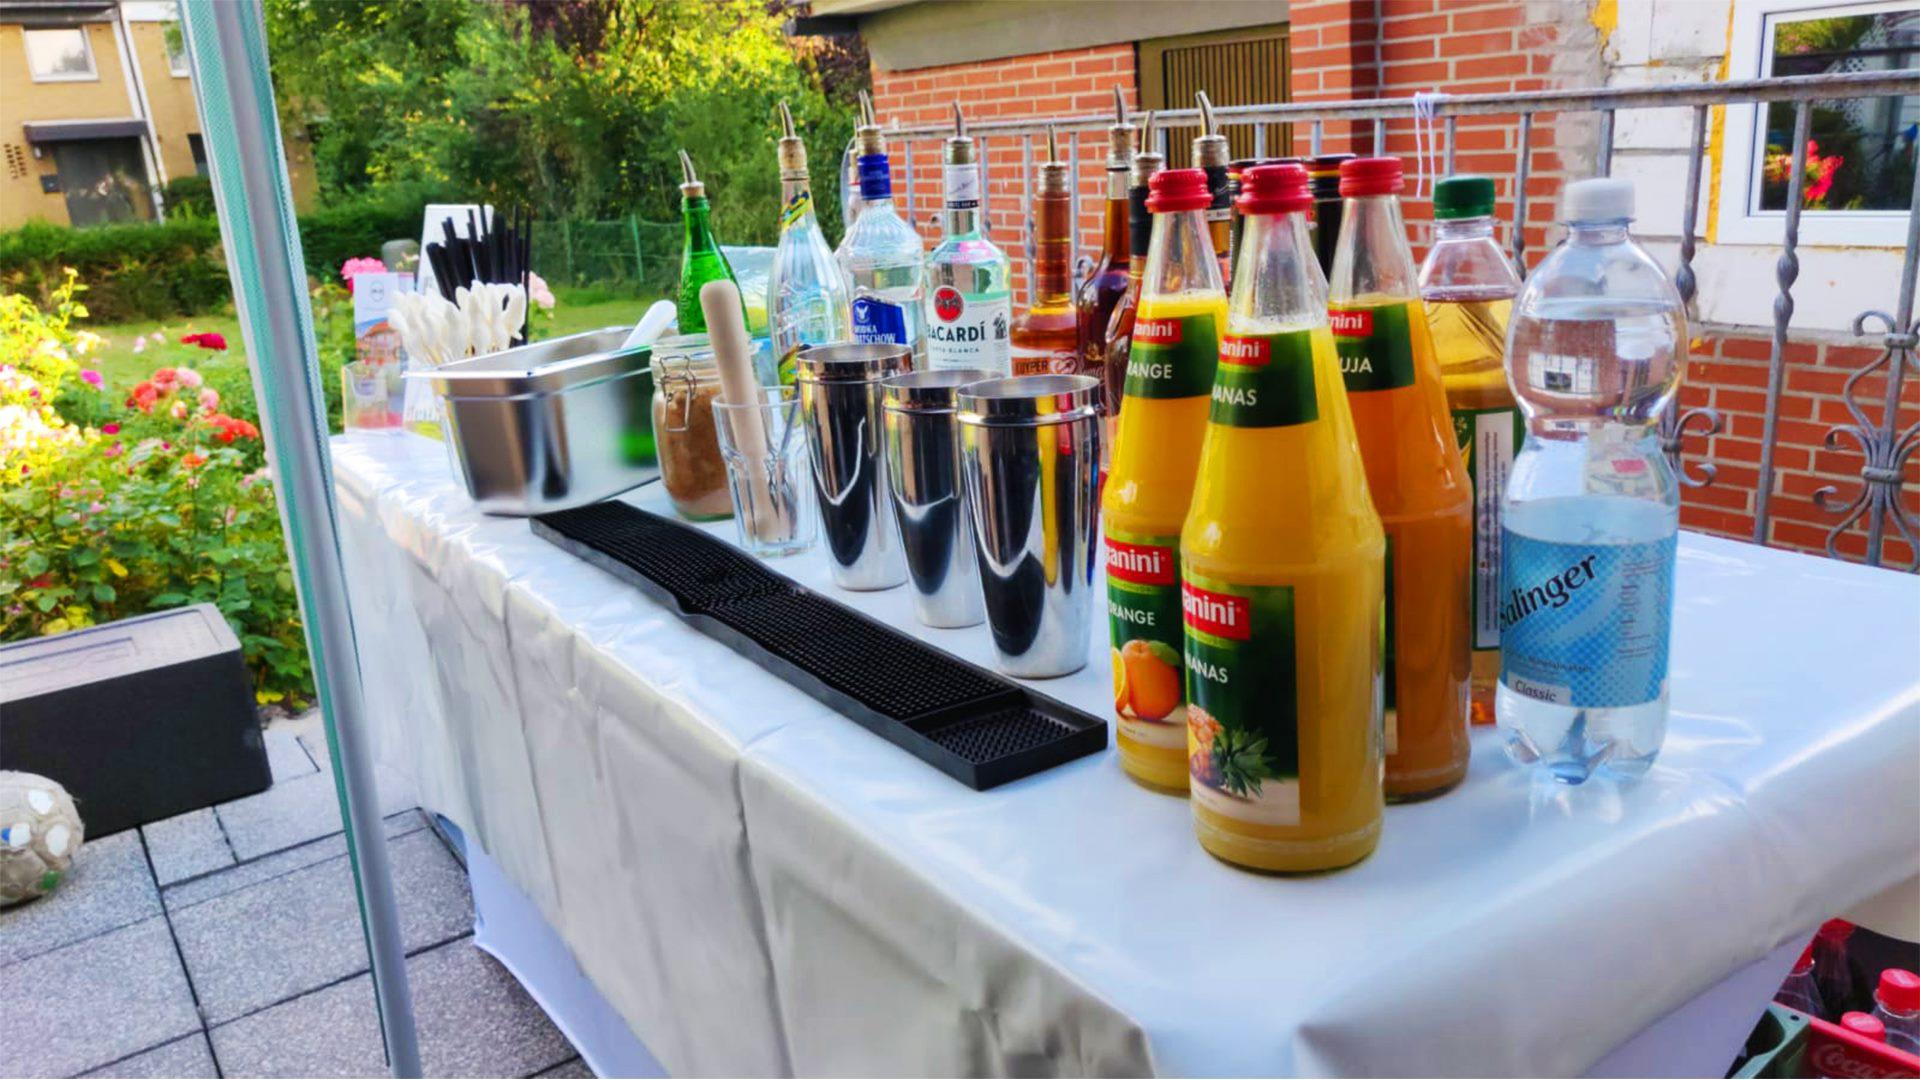 Cocktails Knepper - Cocktailkurs in Bochum - Bei sonnigem Wetter die Cocktailkunst lernen